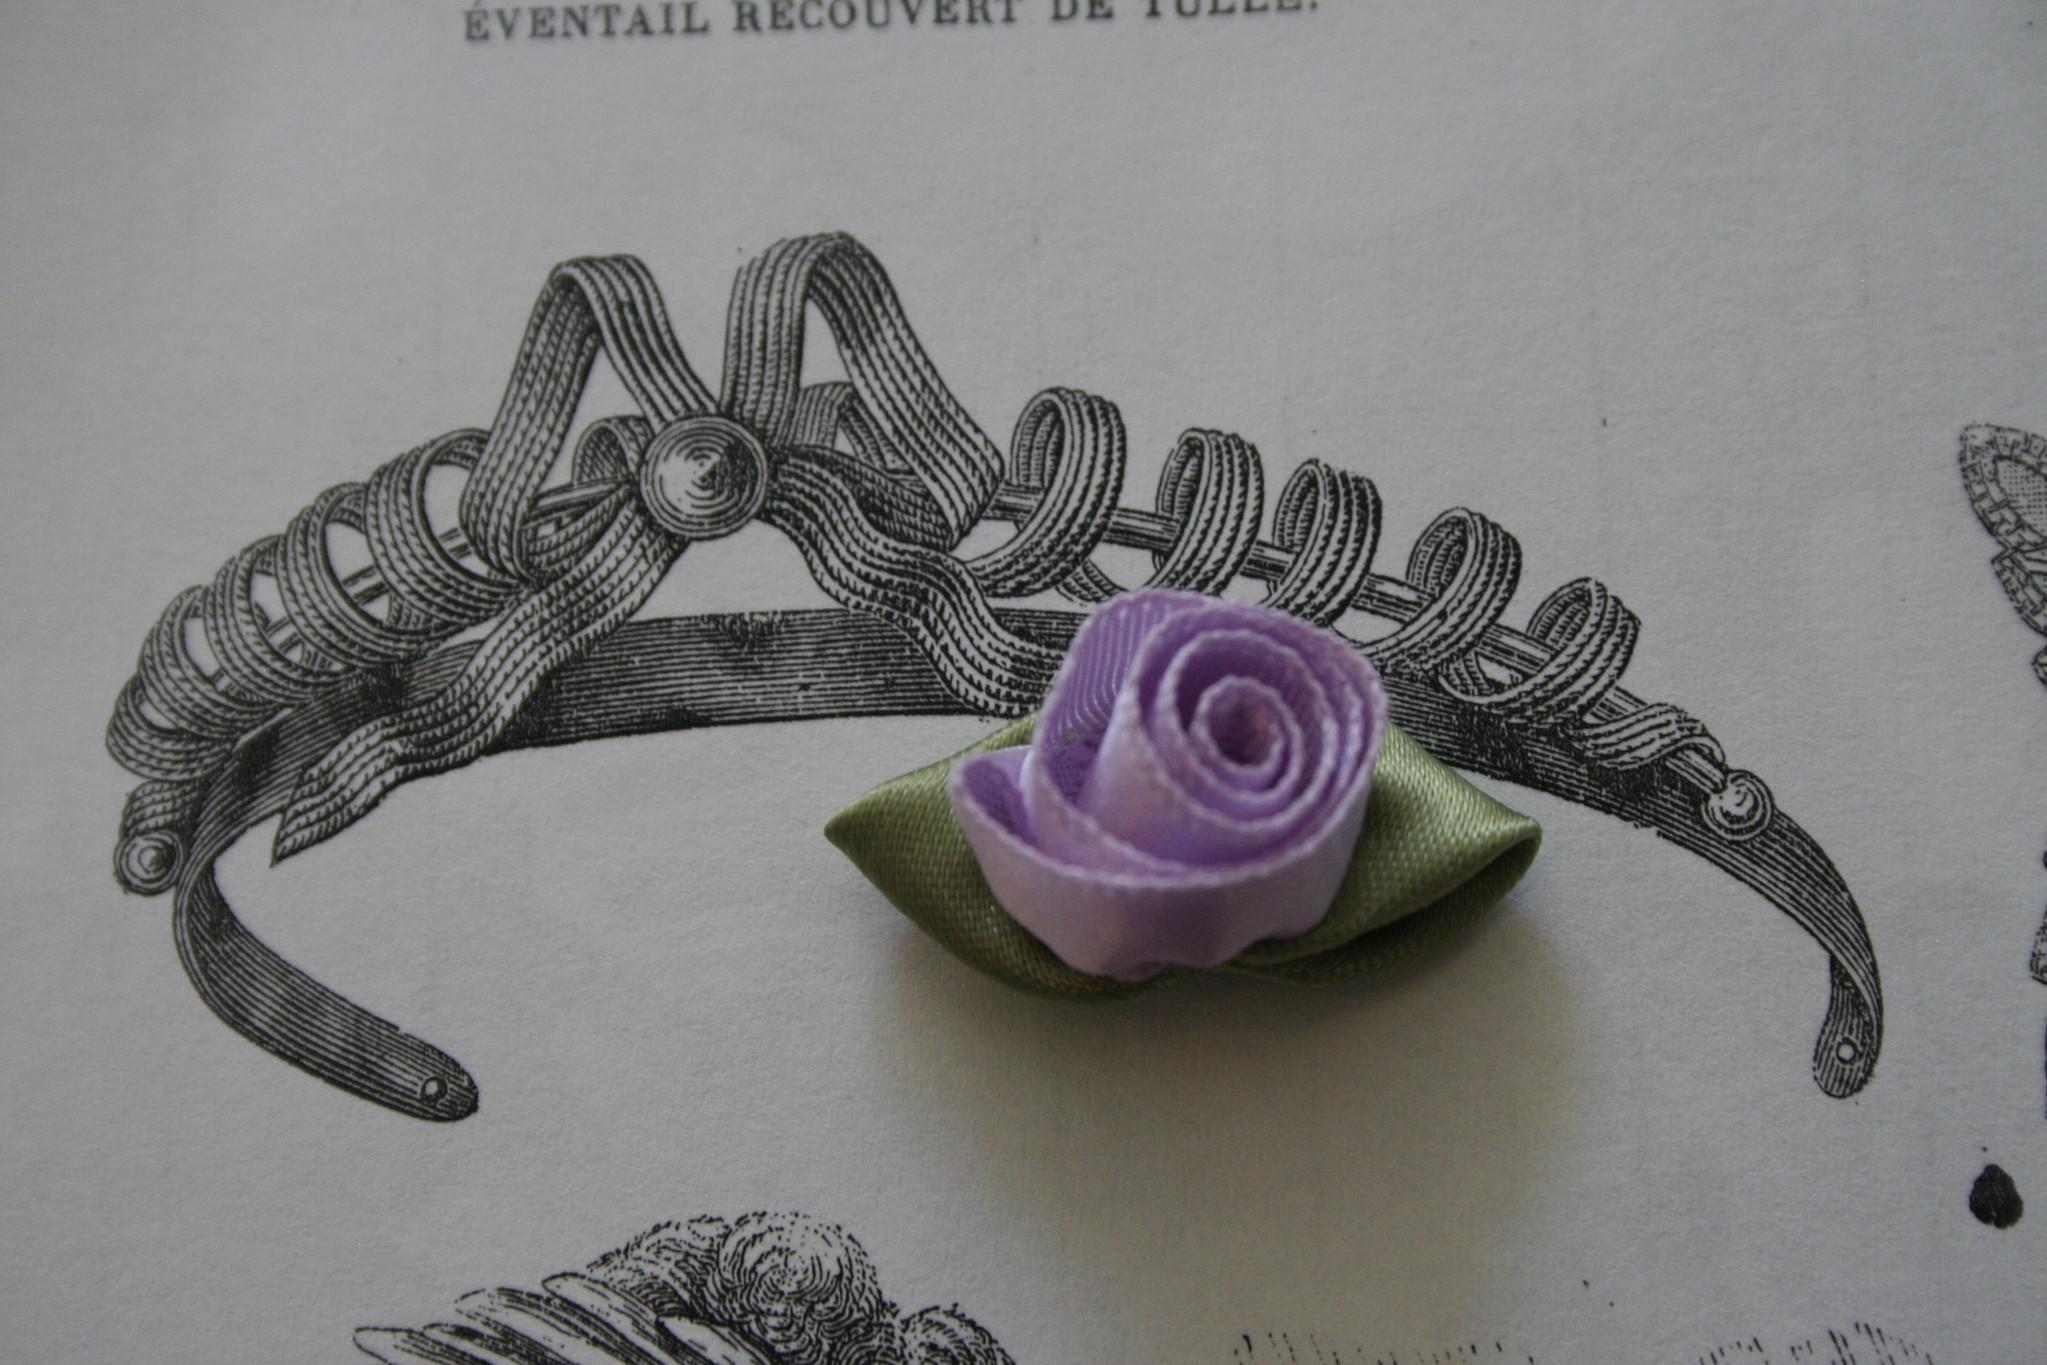 Lila satijnen roosjes met blaadjes.